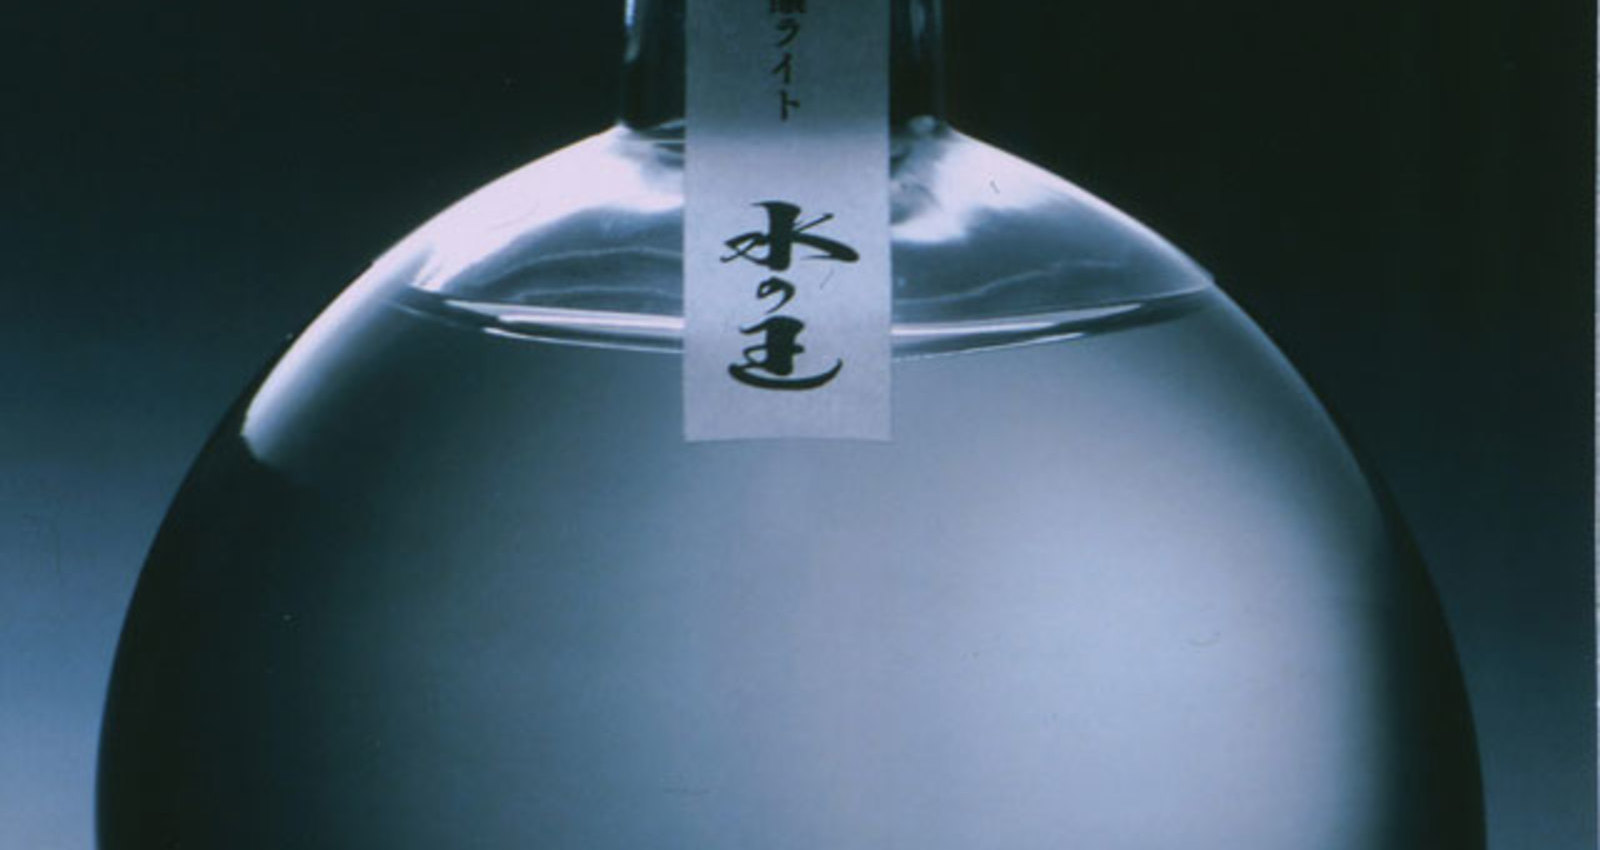 Miz no eau